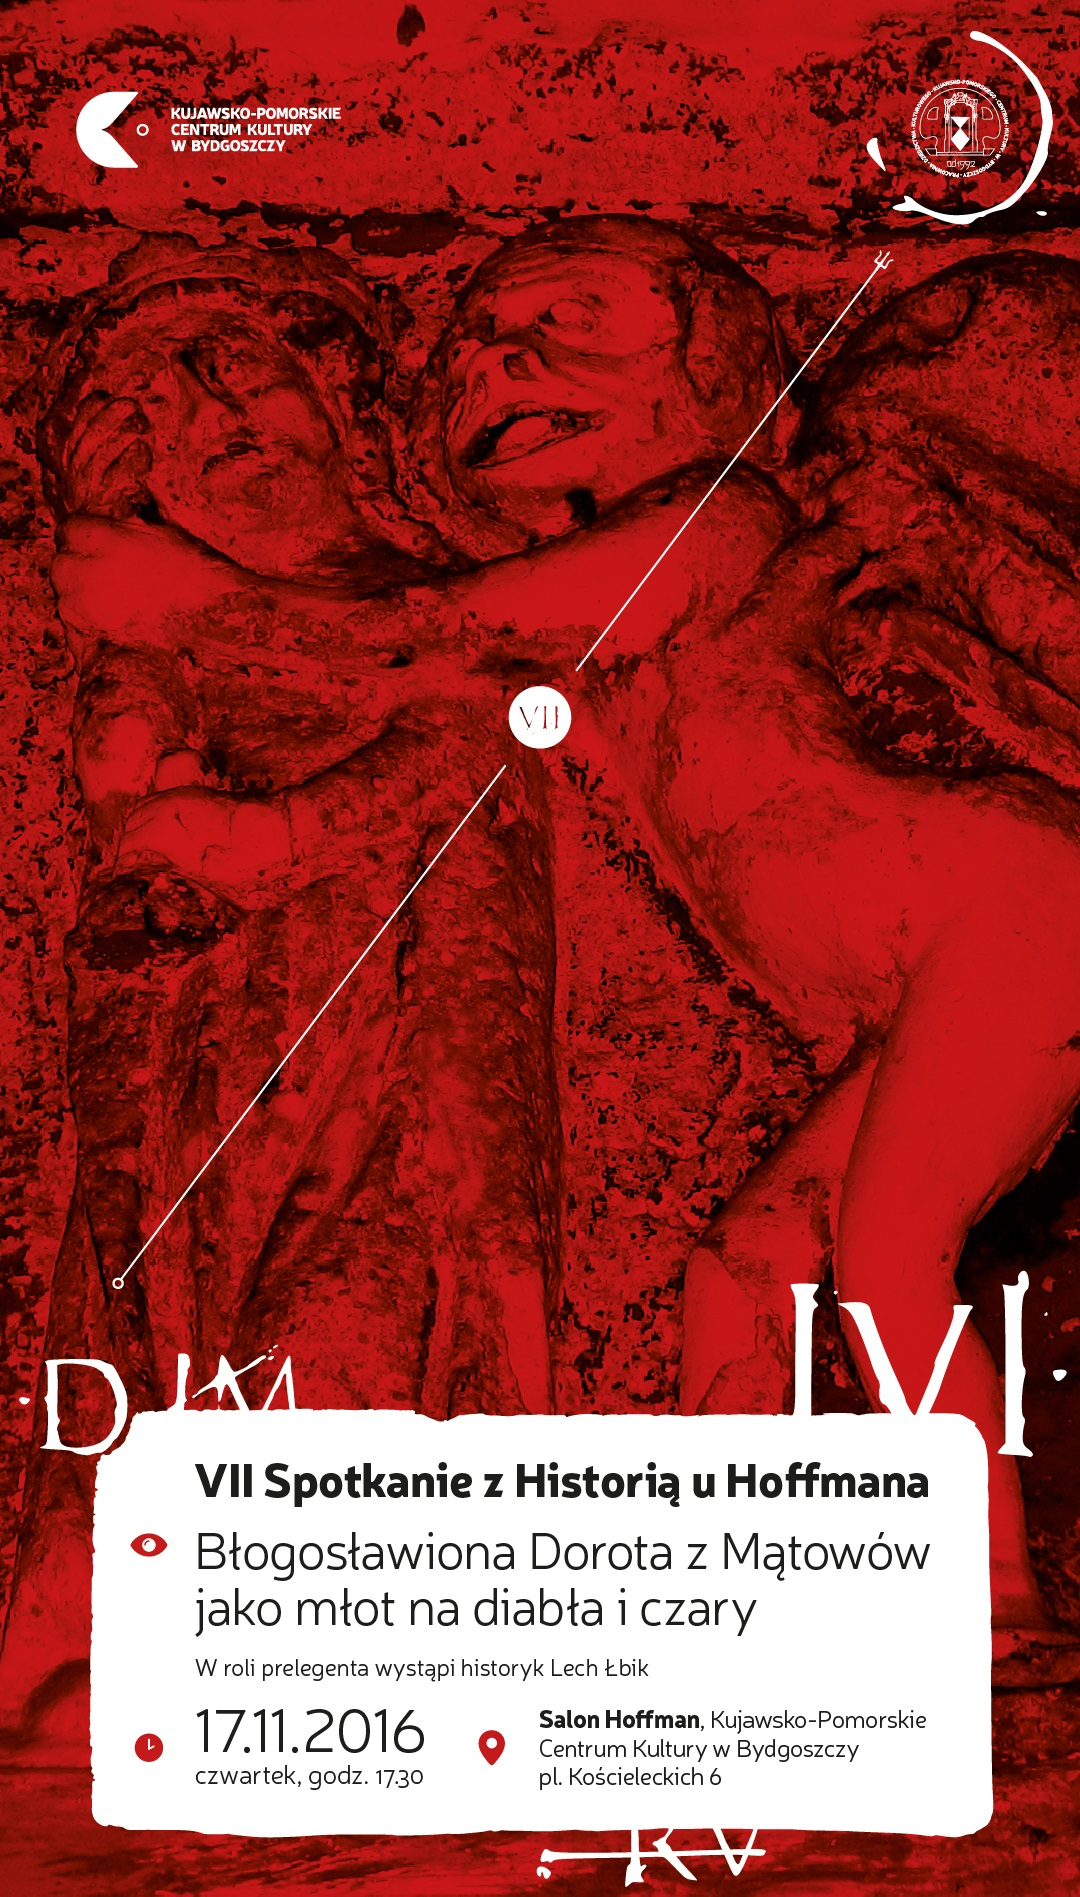 """""""Błogosławiona Dorota z Mątowów jako młot na diabła i czary"""" – plakat (źródło: materiały prasowe organizatora)"""